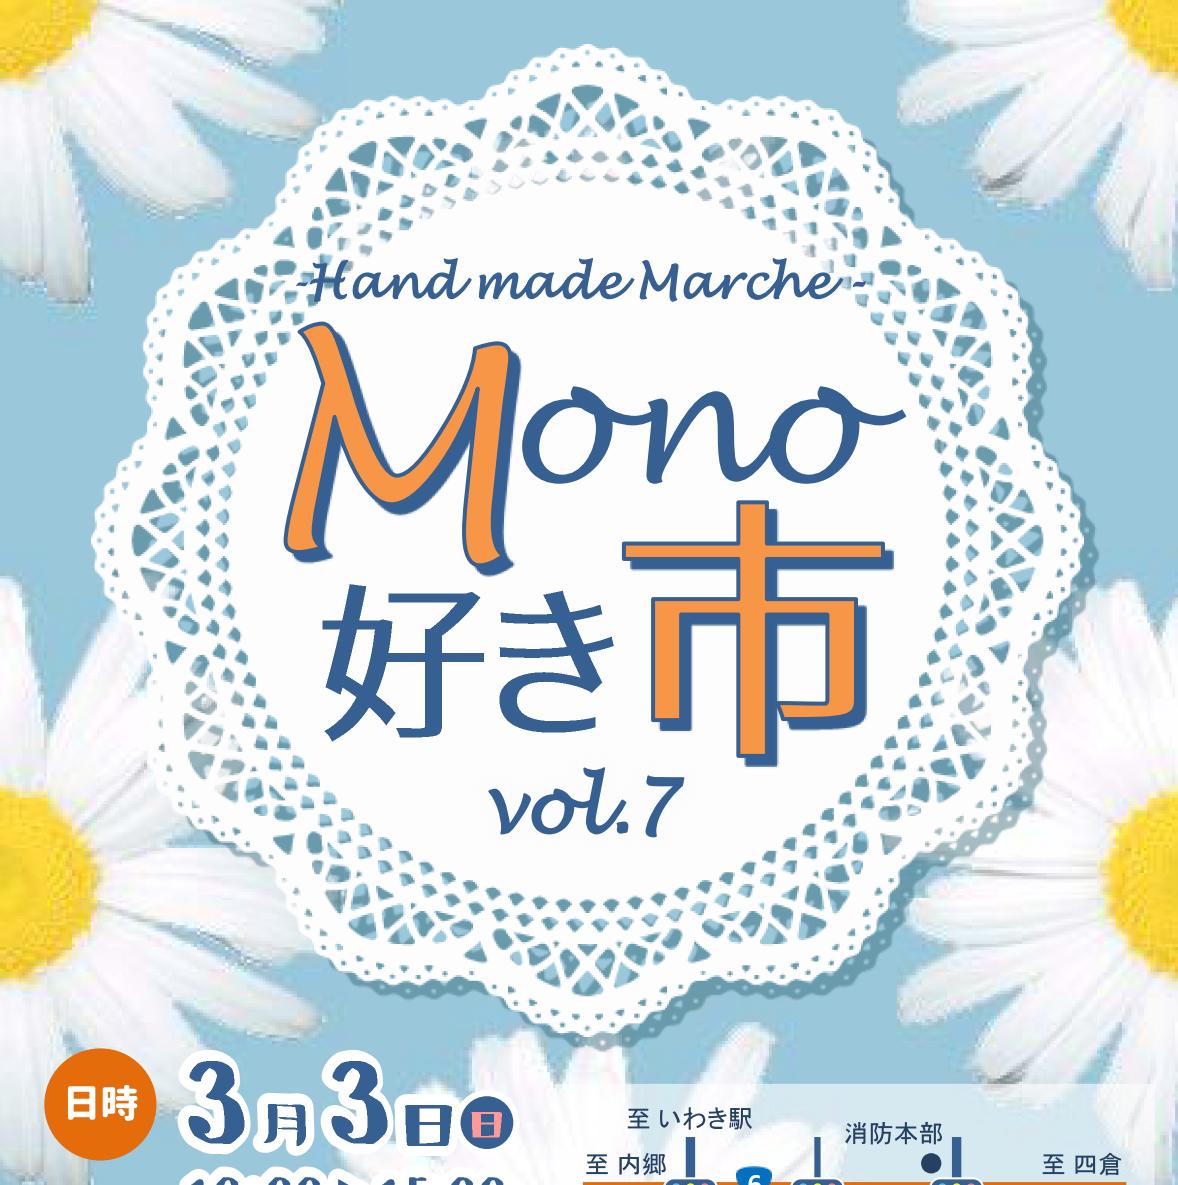 ハンドメイドマルシェMono好き市 vol.7